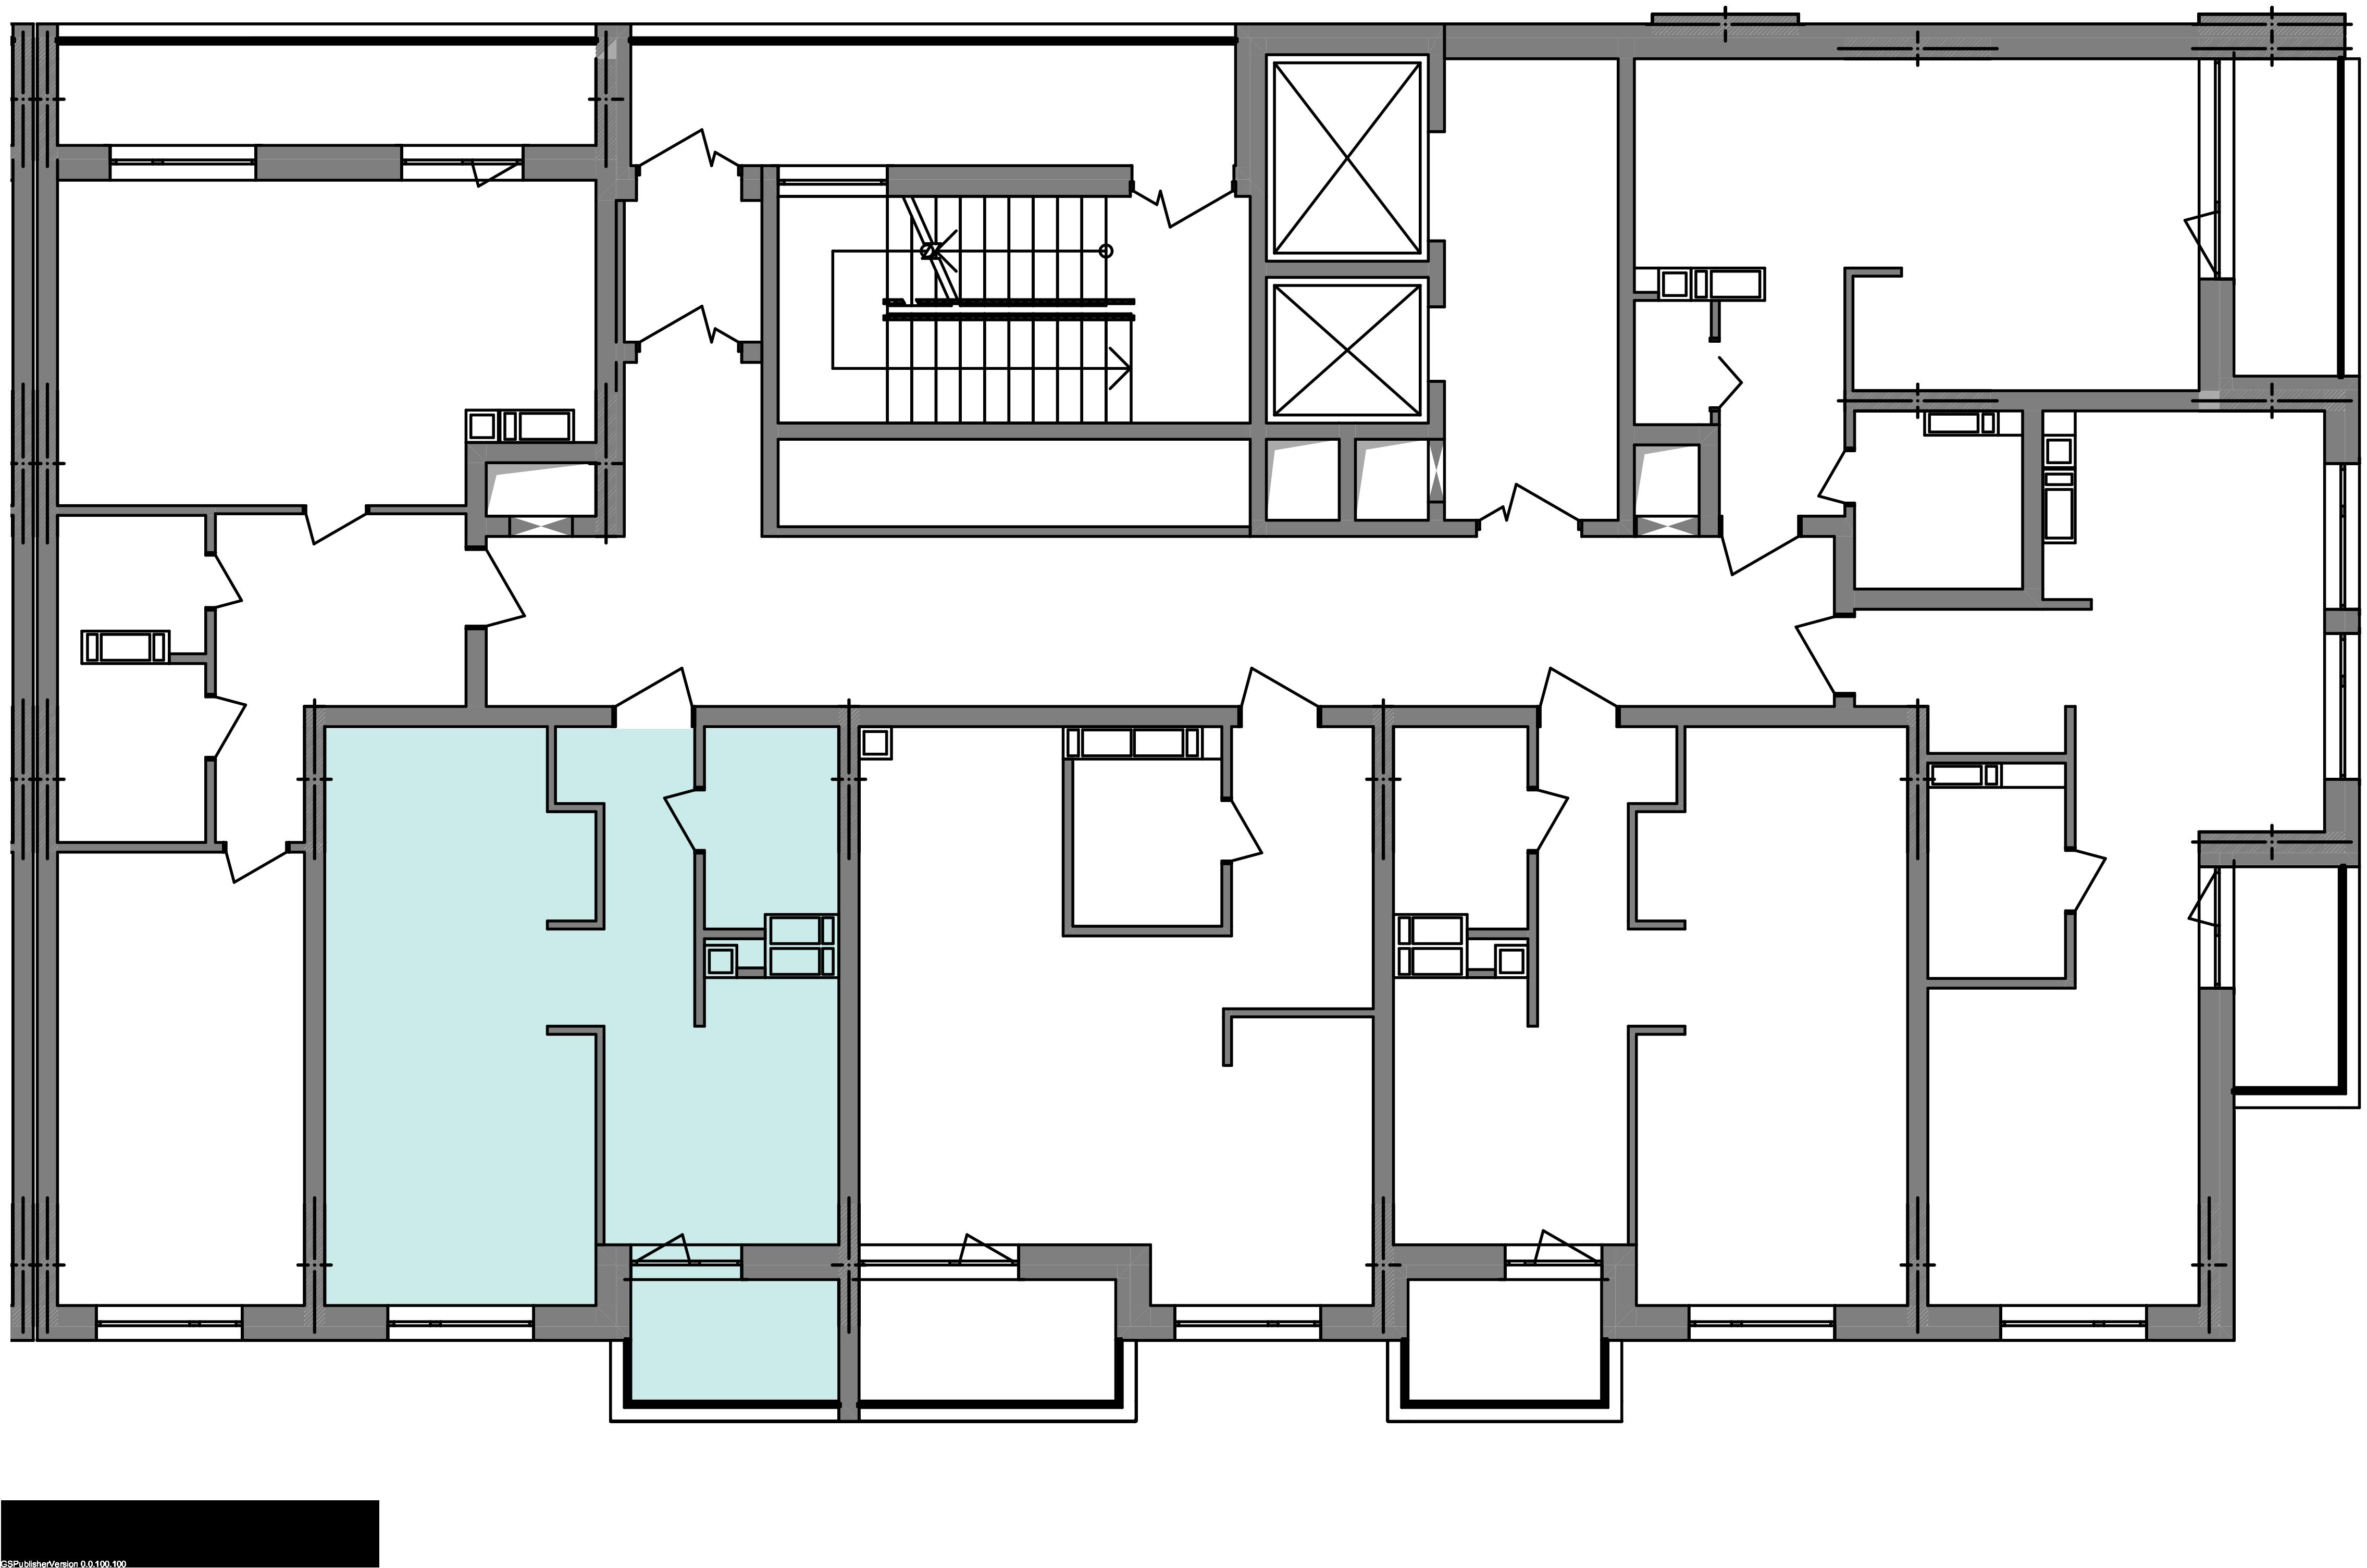 Однокомнатная квартира 40,50 кв.м., тип 1.10, дом 3 секция 3 расположение на этаже